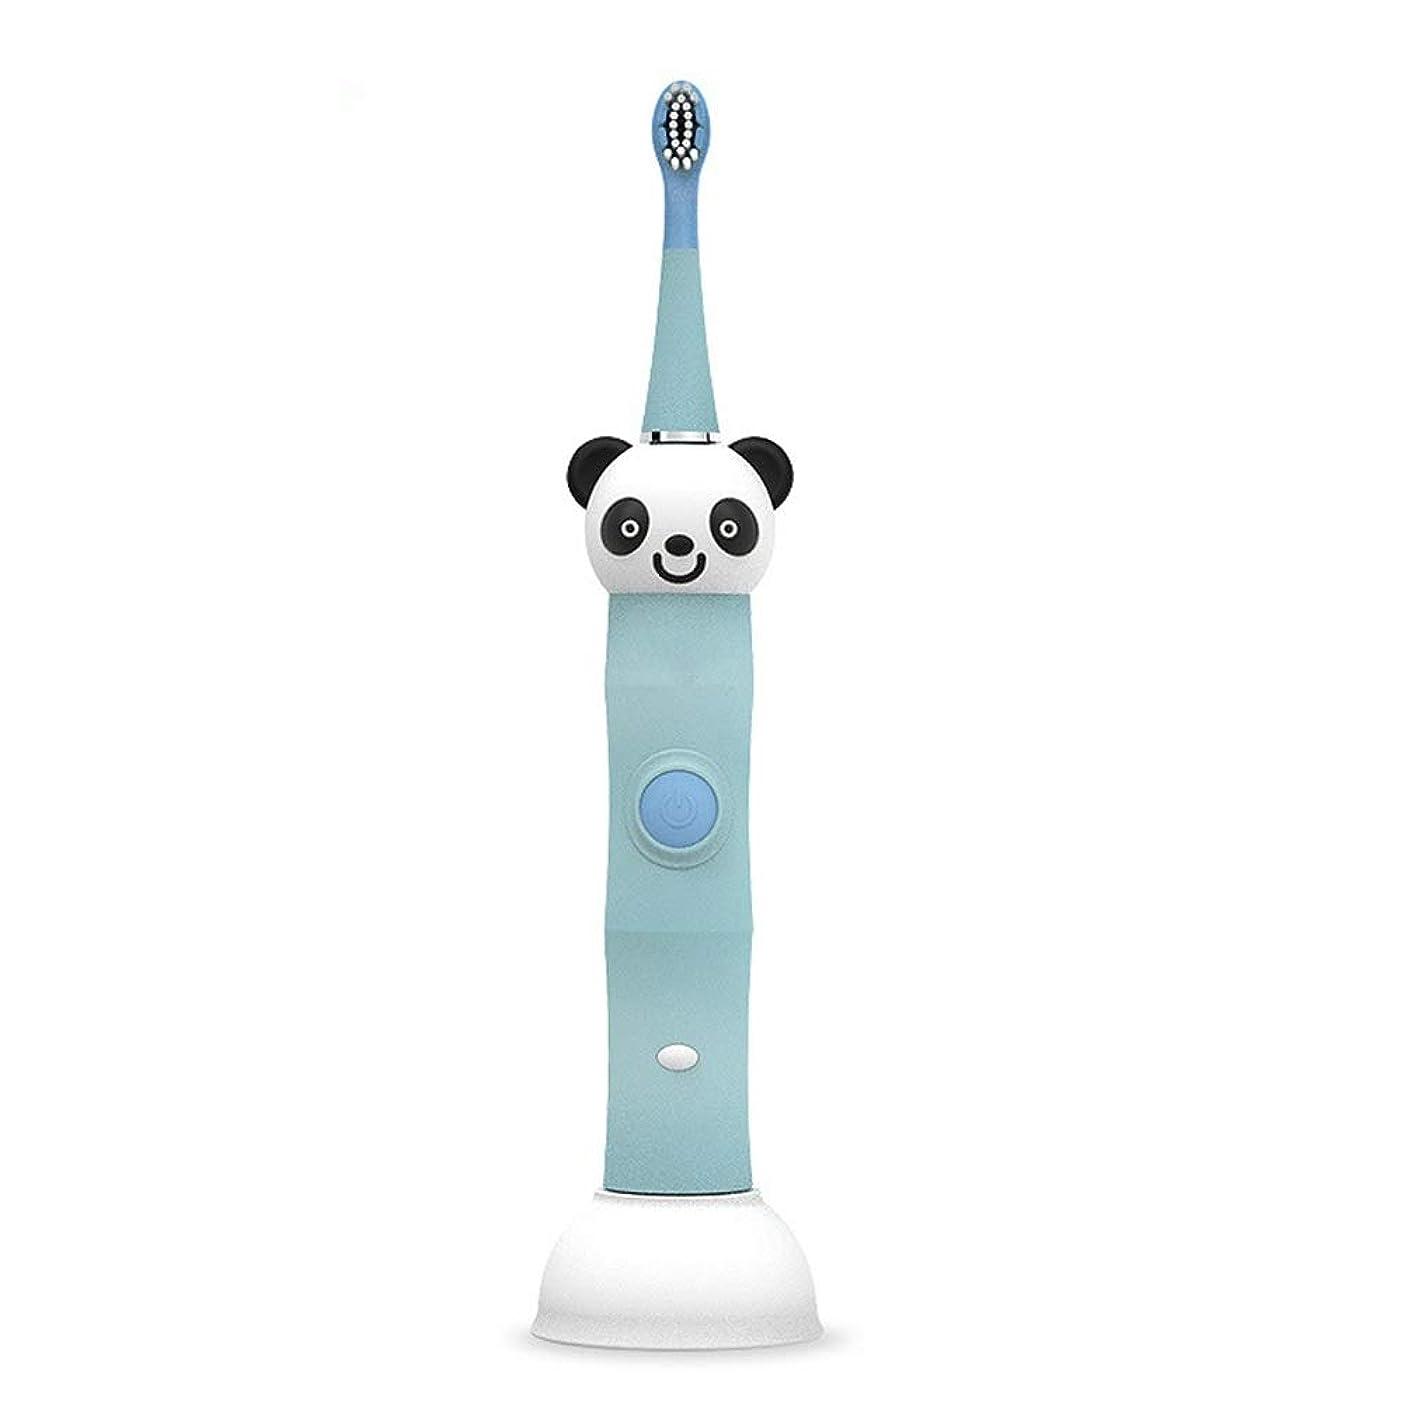 重力ラジエーター可動自動歯ブラシ USBの充満基盤の柔らかい毛のきれいな電動歯ブラシとの子供の防水 (色 : 青, サイズ : Free size)